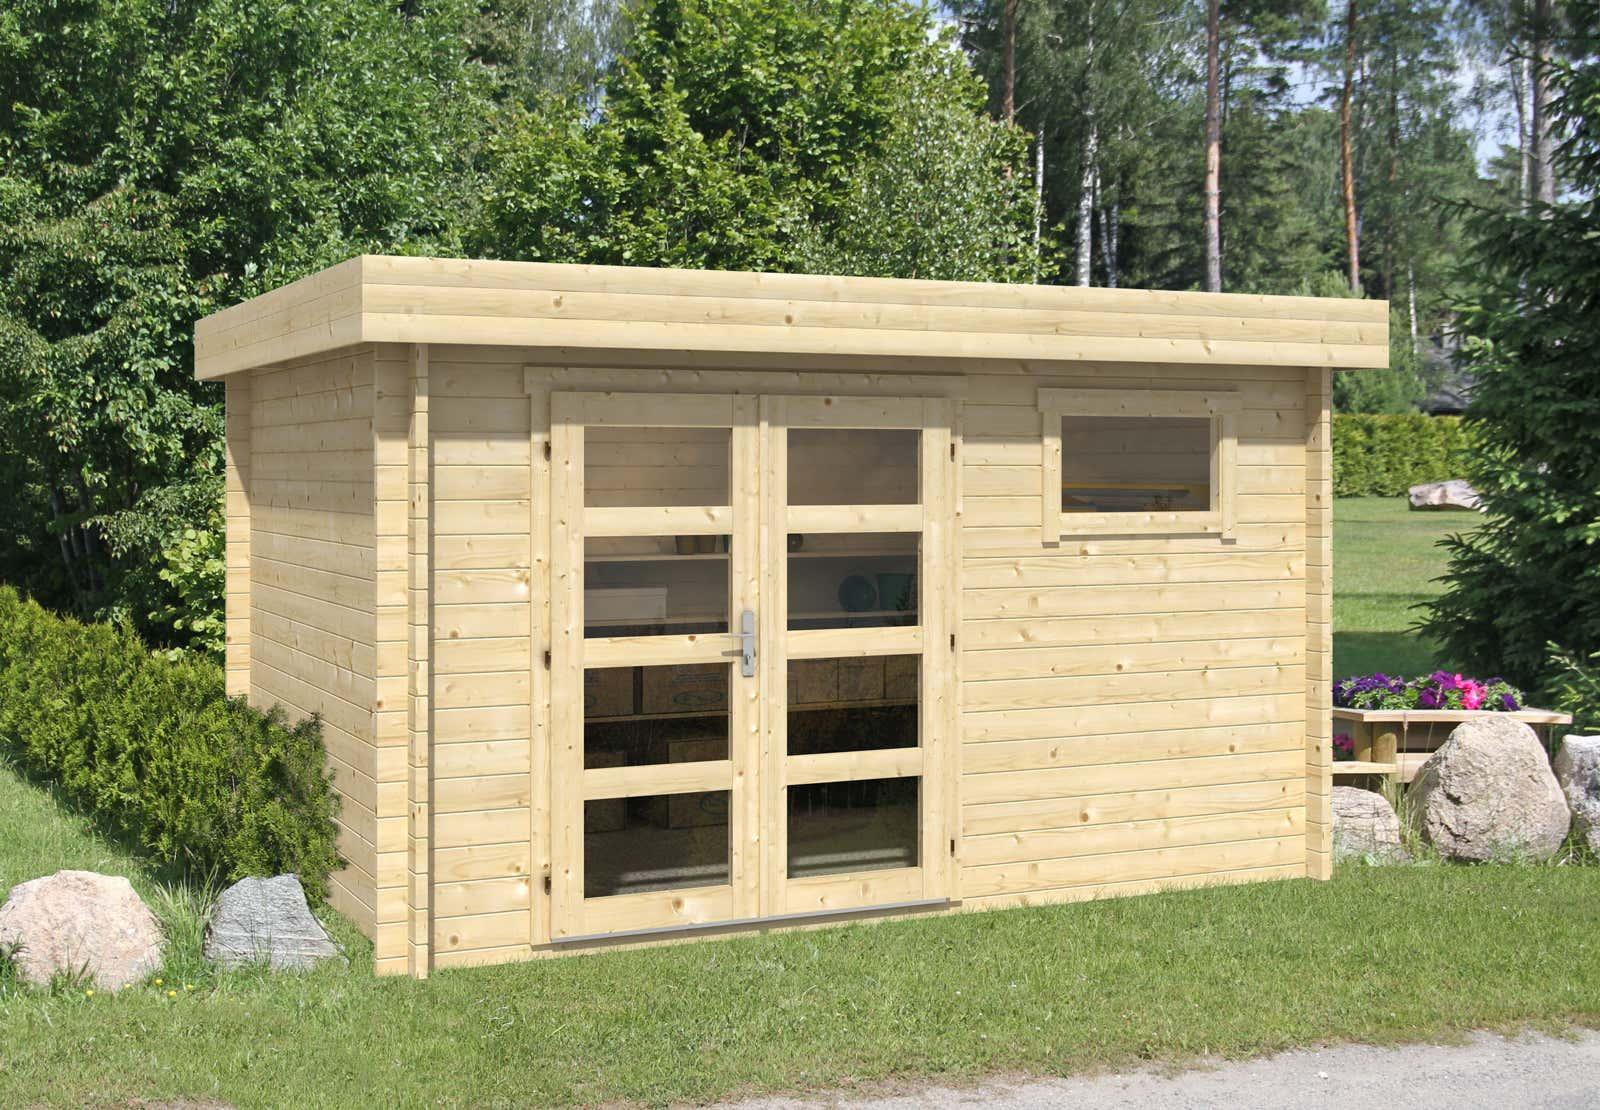 gartenhaus modell emma 40 a z gartenhaus gmbh. Black Bedroom Furniture Sets. Home Design Ideas